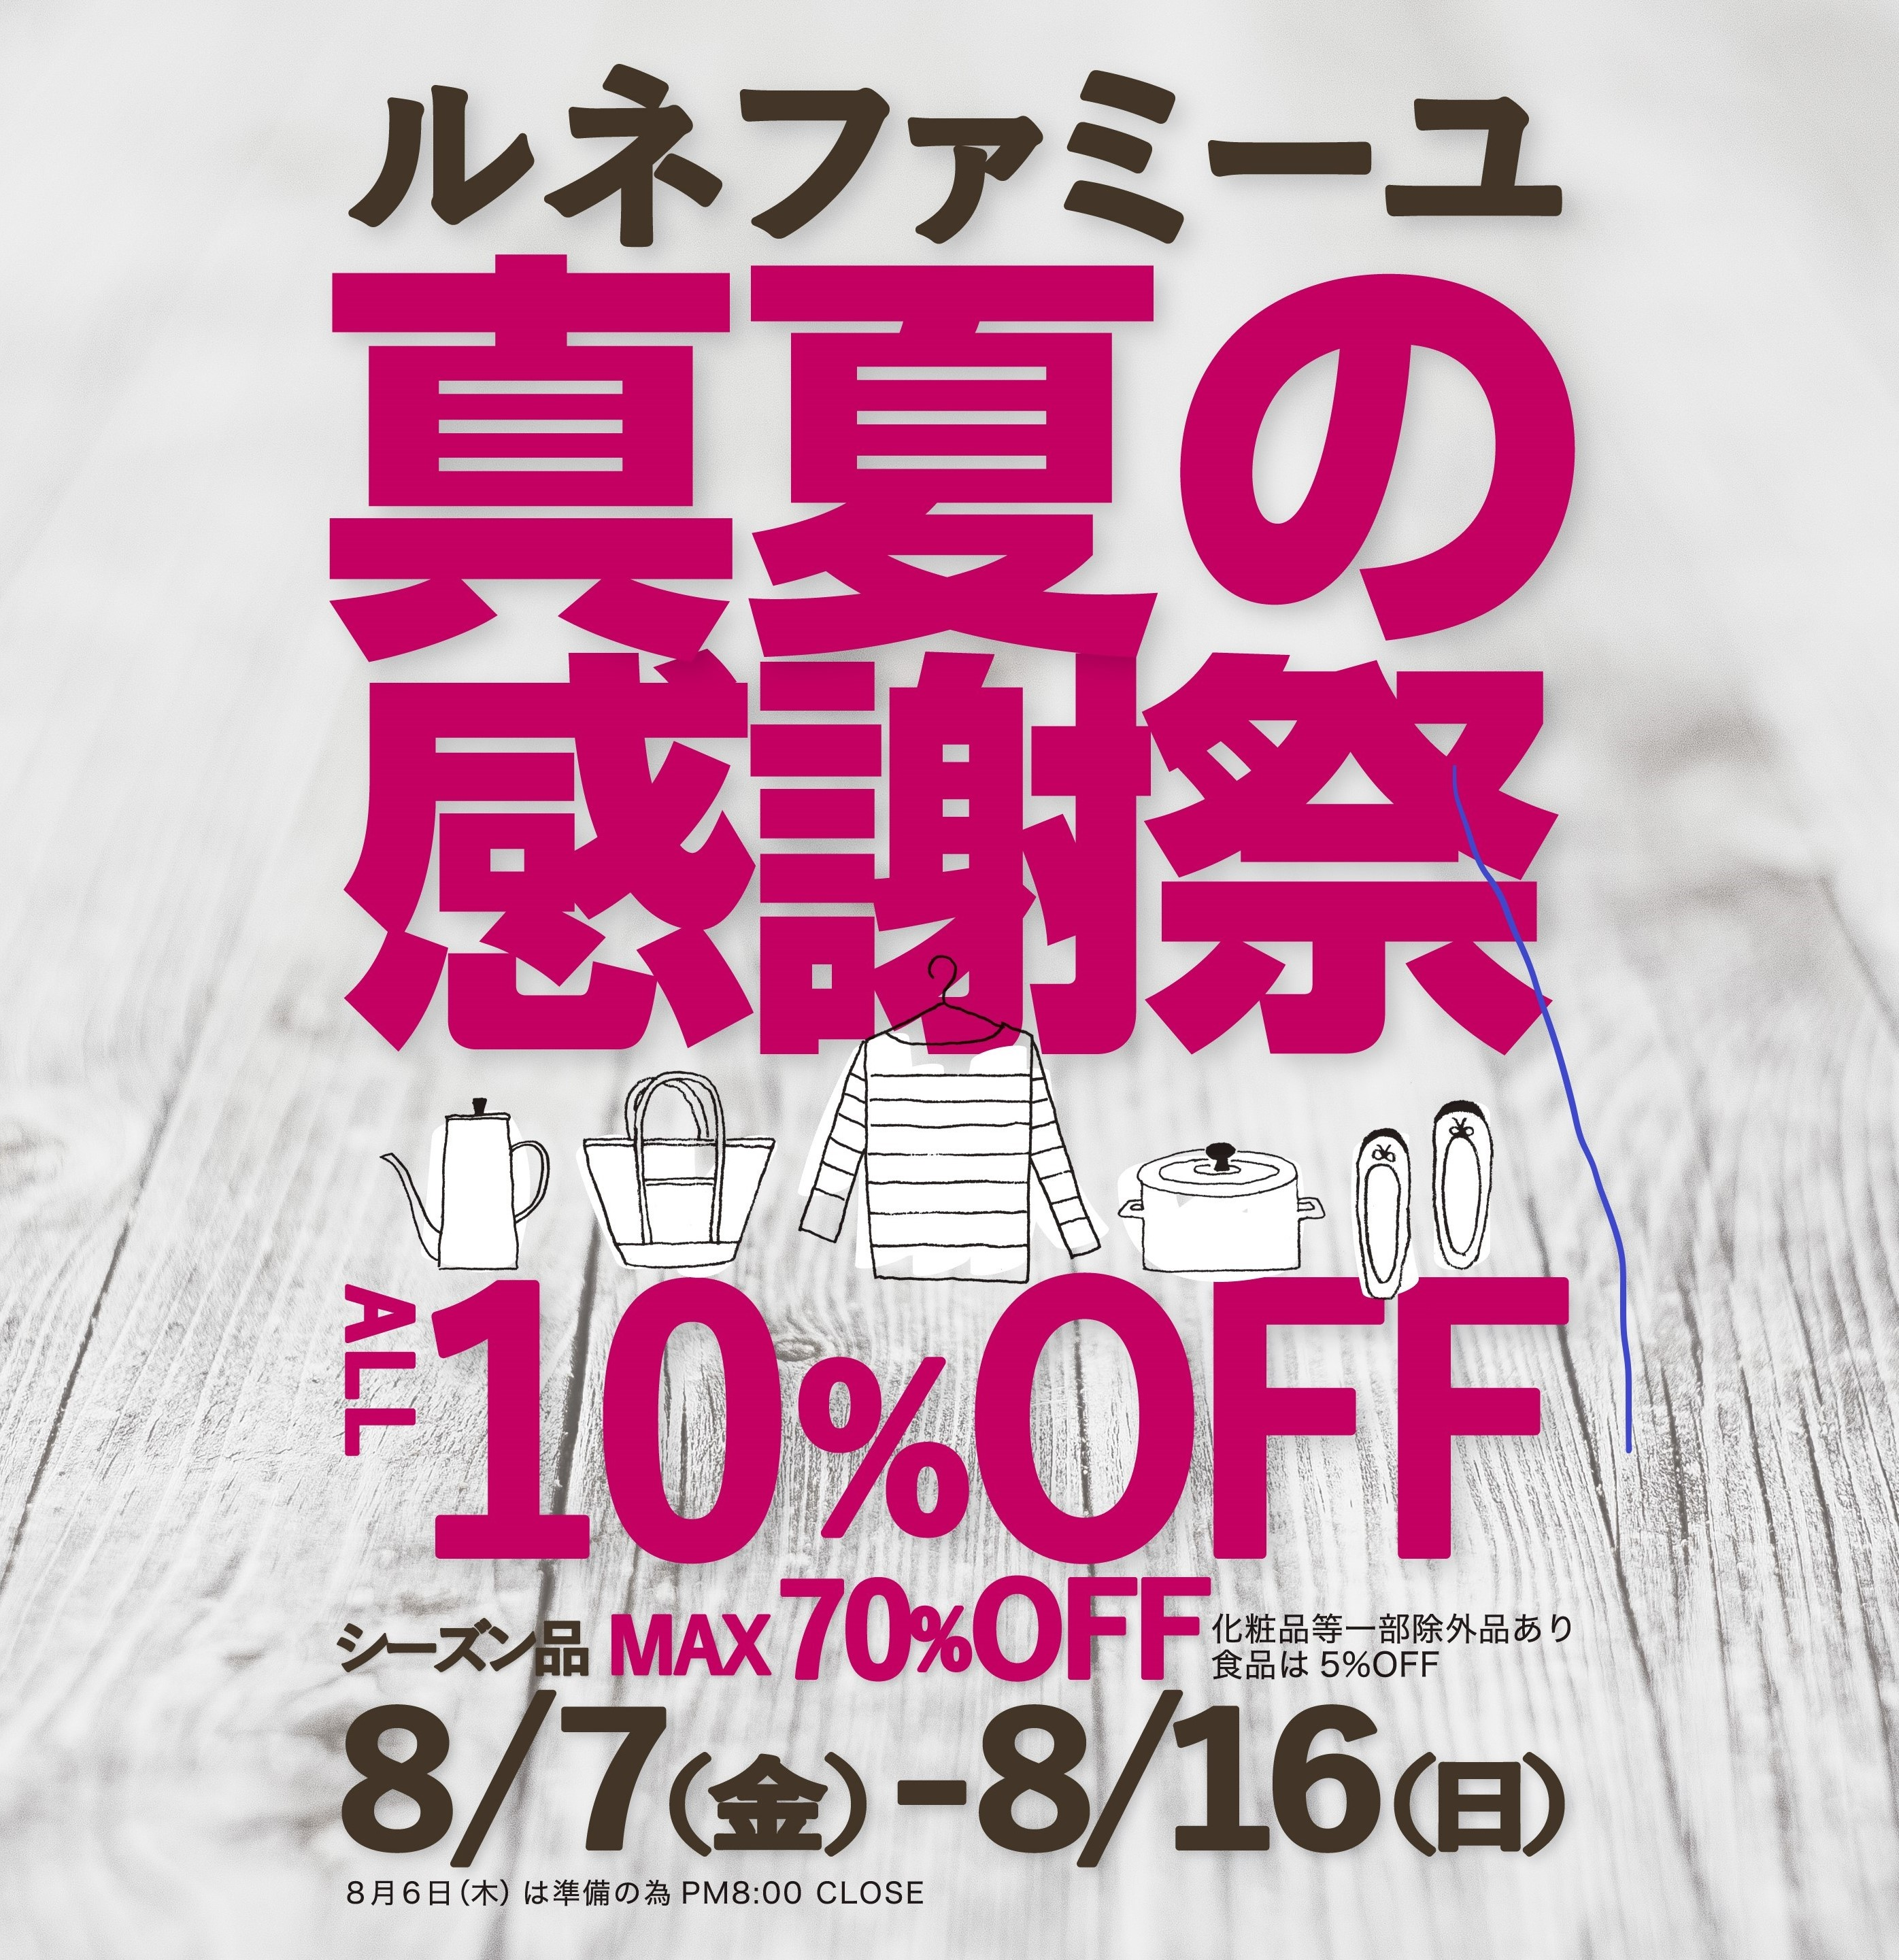 ルネファミーユ金沢店、金沢駅西店 真夏の感謝祭